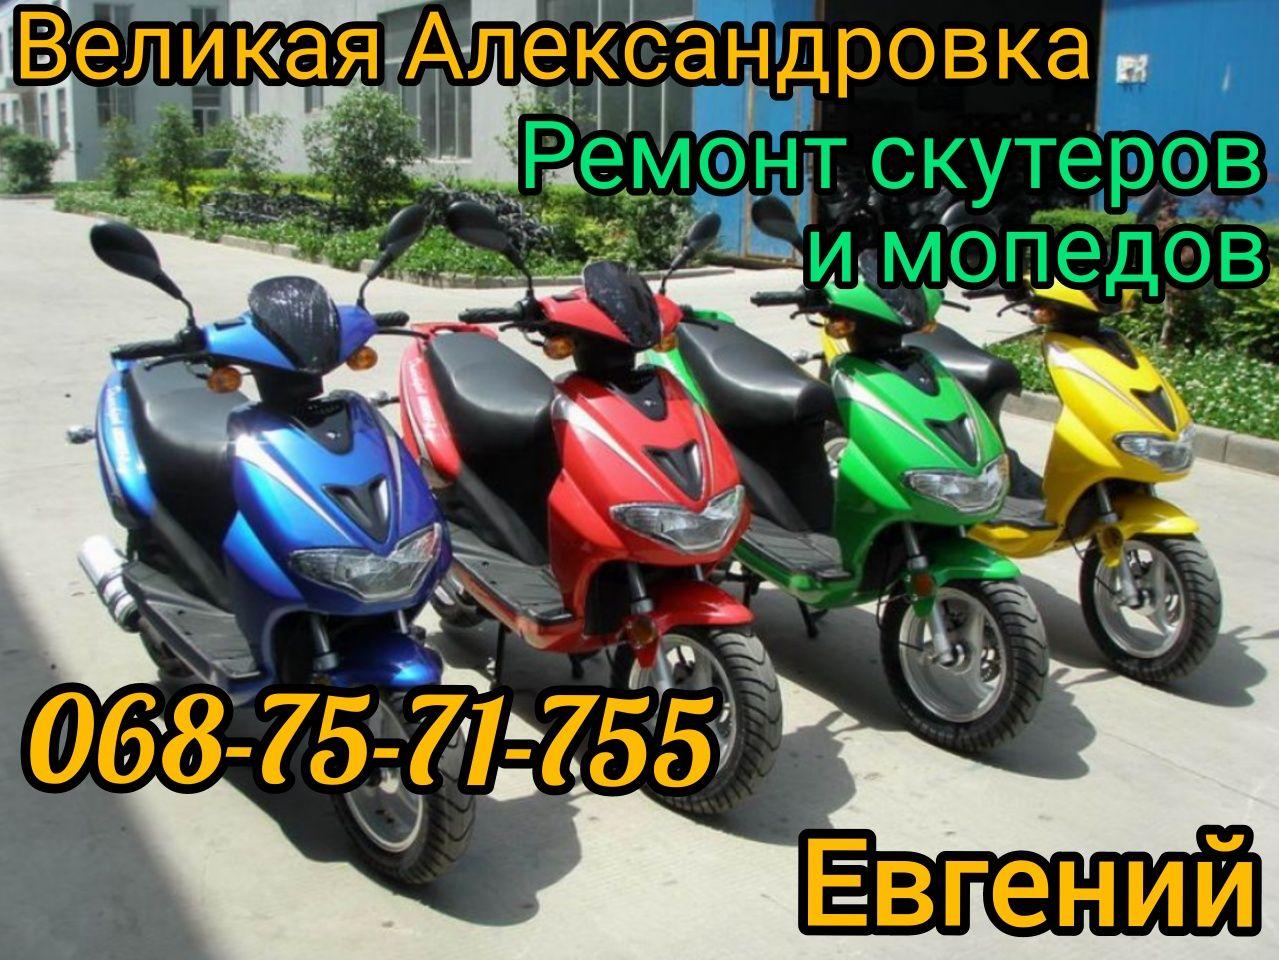 Ремонт скутеров 2 т , 4 т , мопедов .